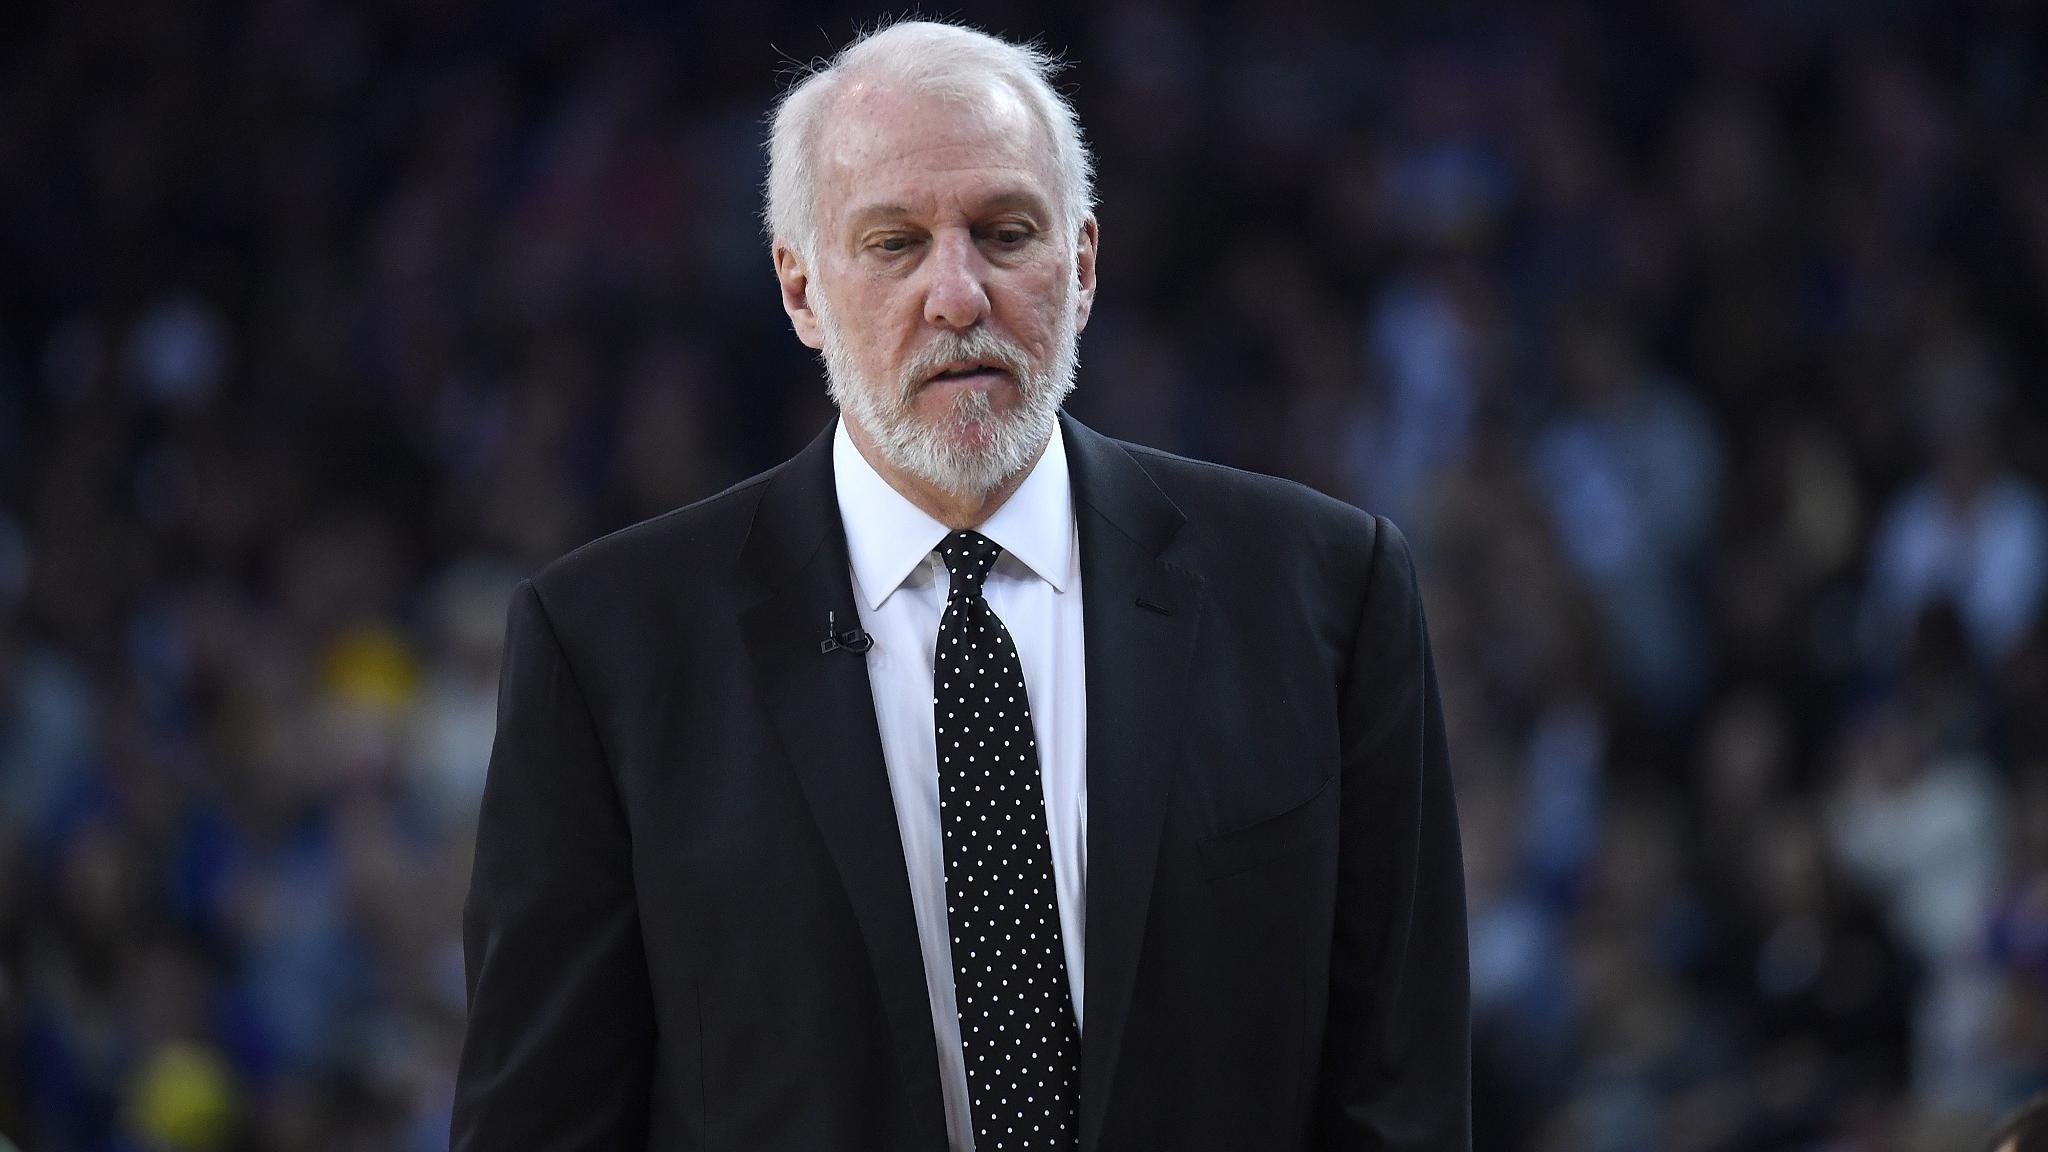 Erin Popovich, the wife of Spurs head coach Gregg Popovich, died early Wednesday. https://t.co/fpVlafLxWU https://t.co/ZOB58bOMDB